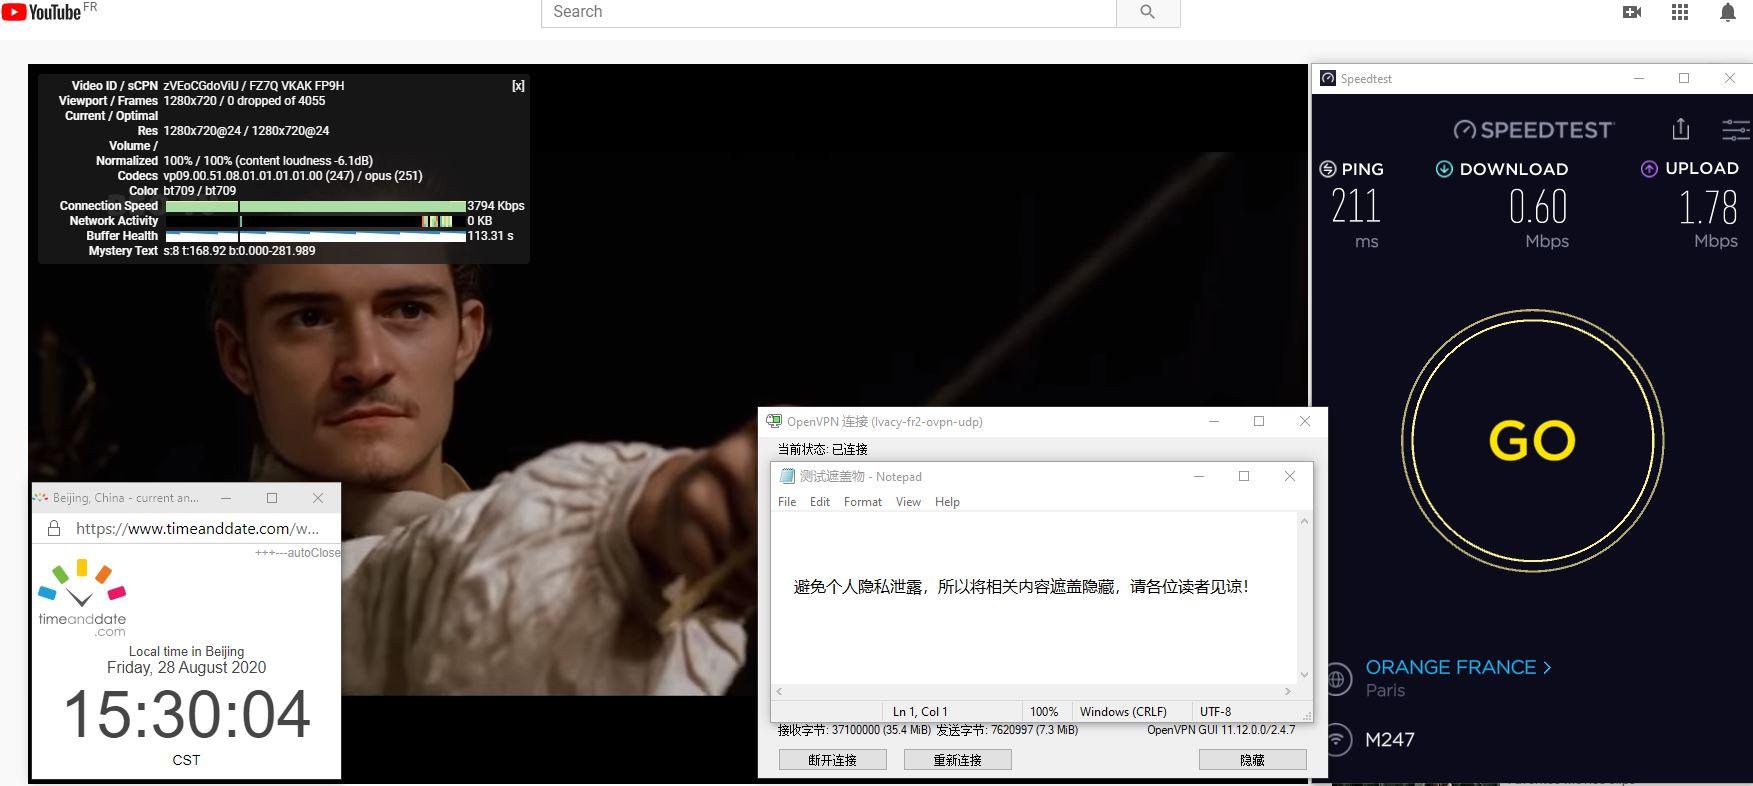 Windows10 IvacyVPN OpenVPN GUI fr2 中国VPN 翻墙 科学上网 翻墙速度测试 - 20200828